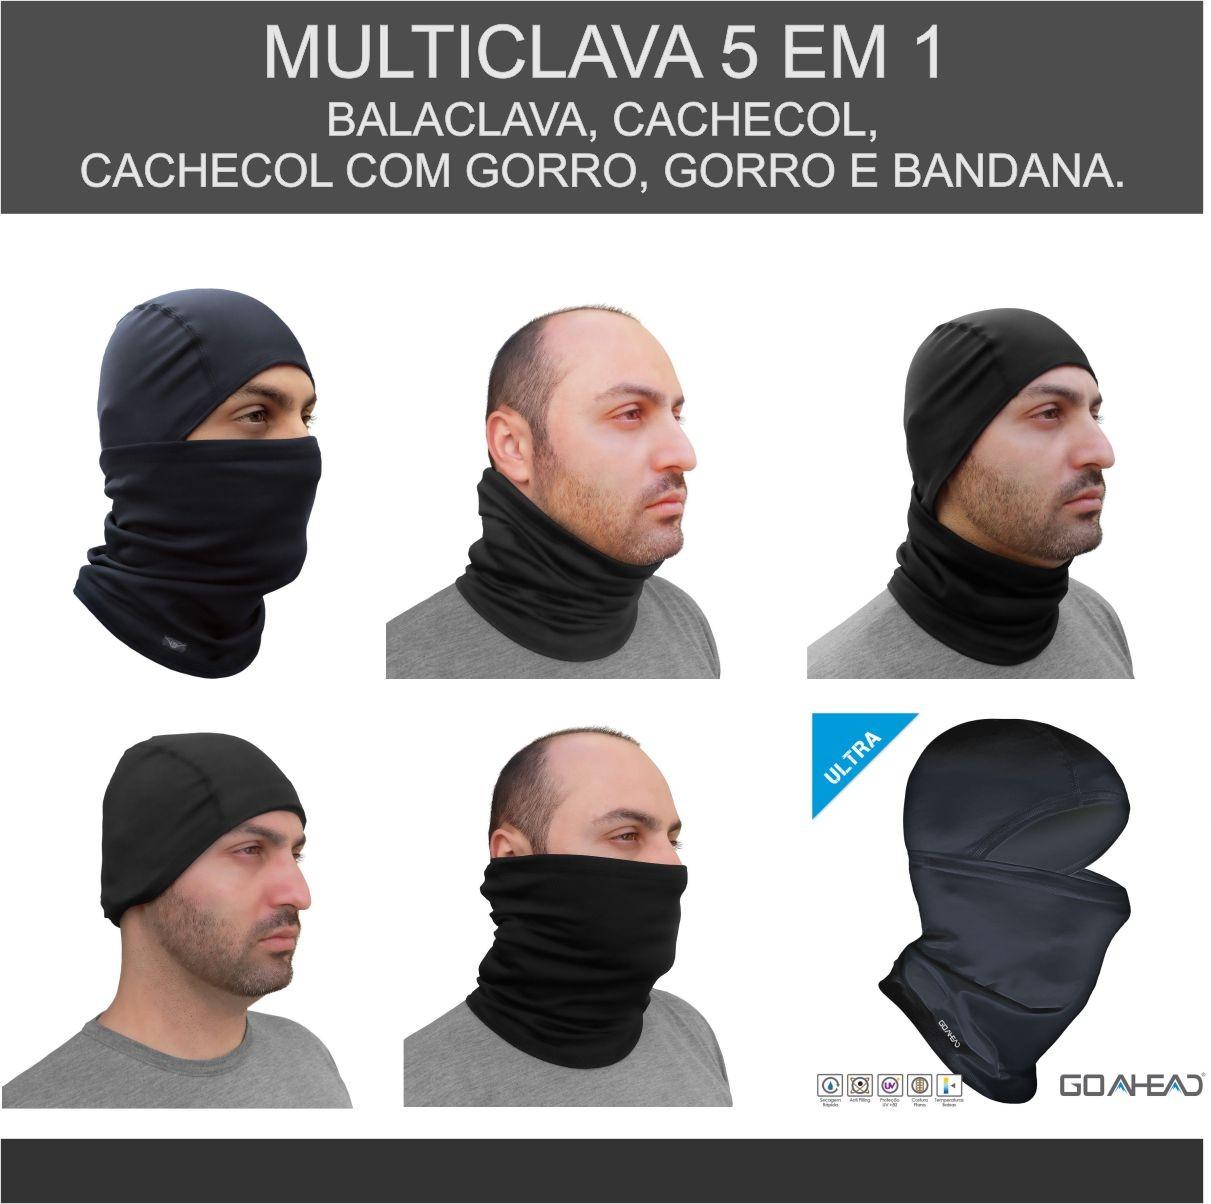 KIT C/ 02 MULTICLAVA GO AHEAD PRETO TAMANHO ÚNICO ULTRA PROTEÇÃO FRIO INVERNO